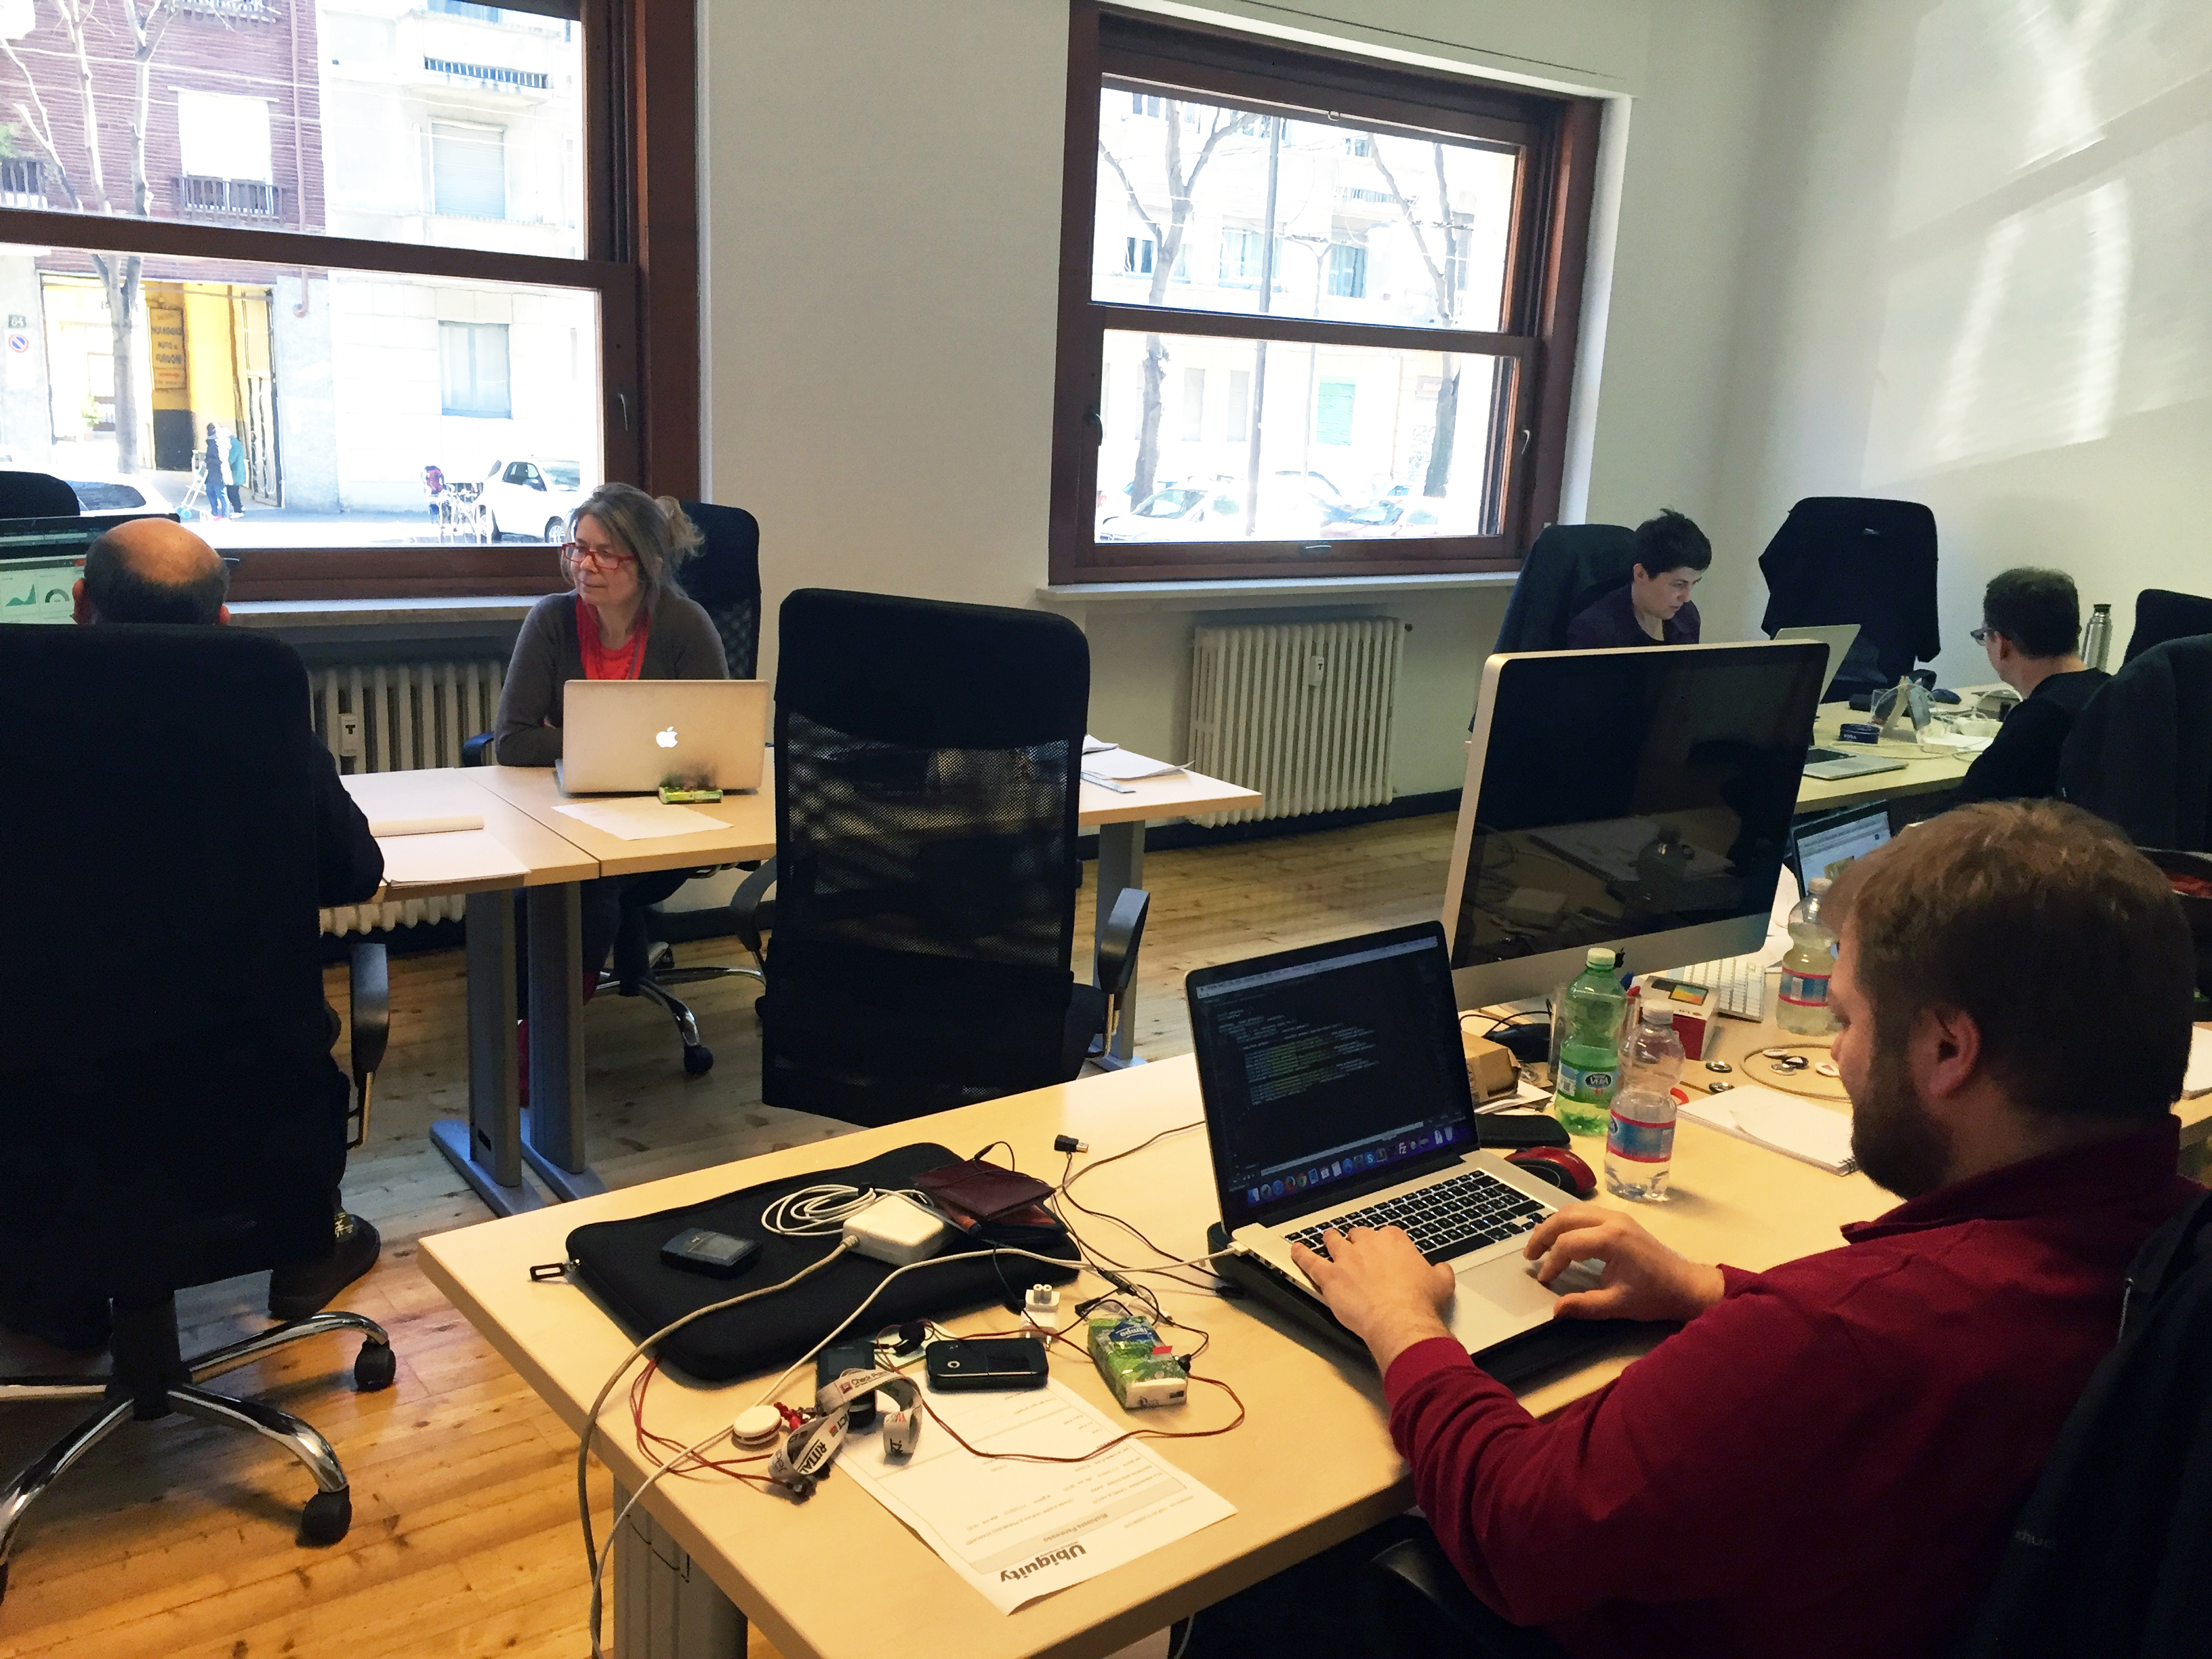 Il quartier generale di UbiquityLab con il team a lavoro